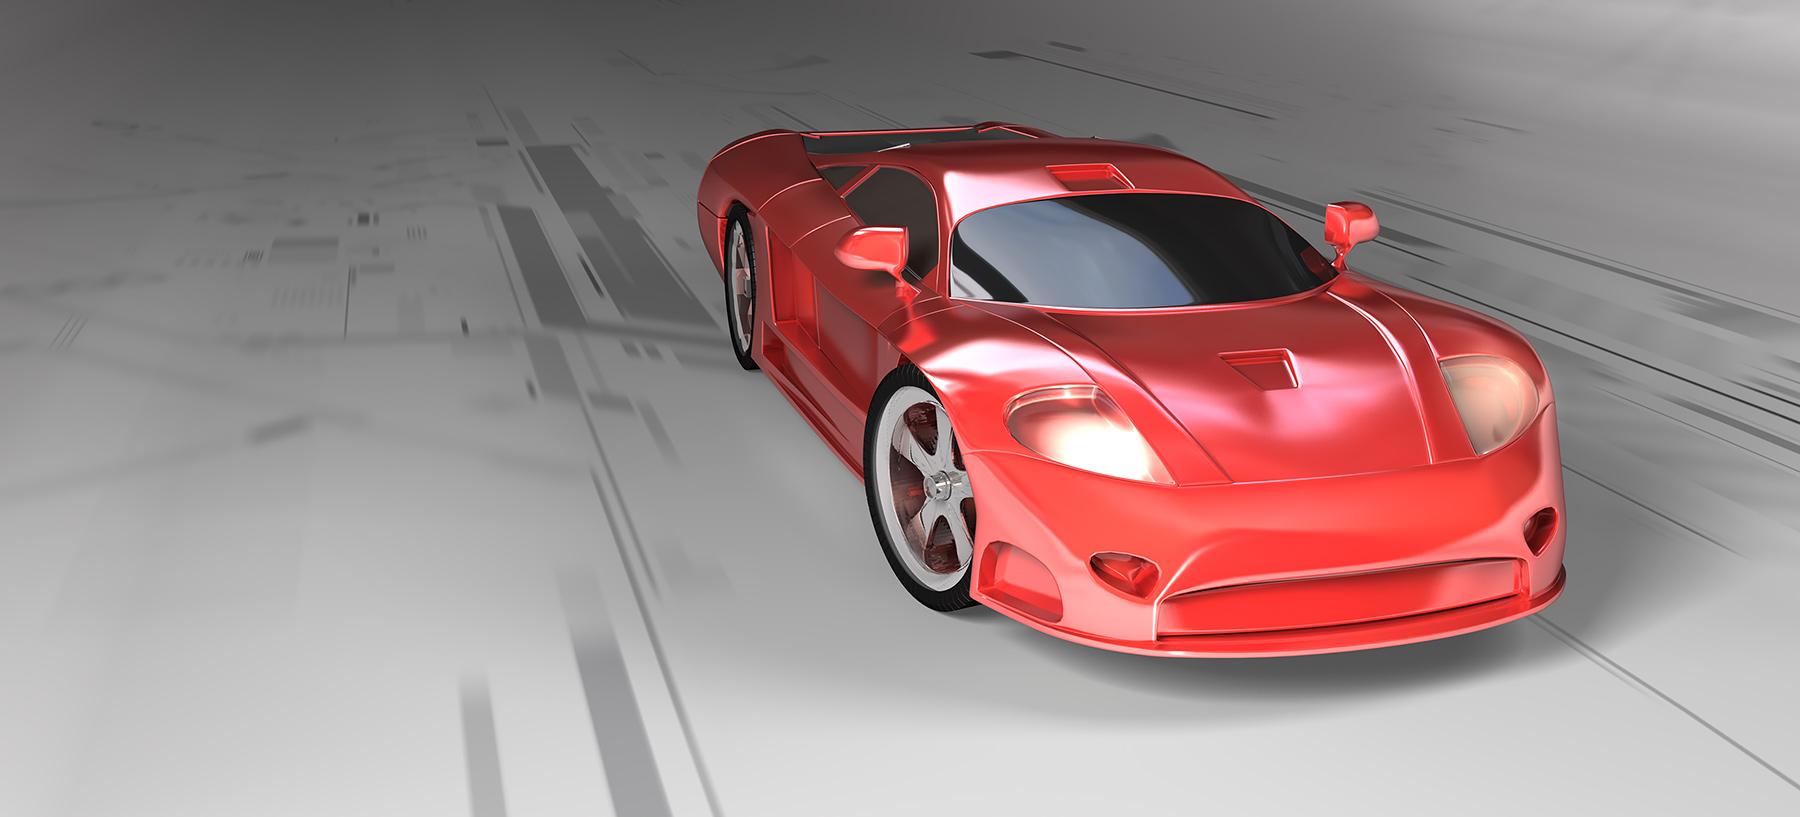 car-001.jpg